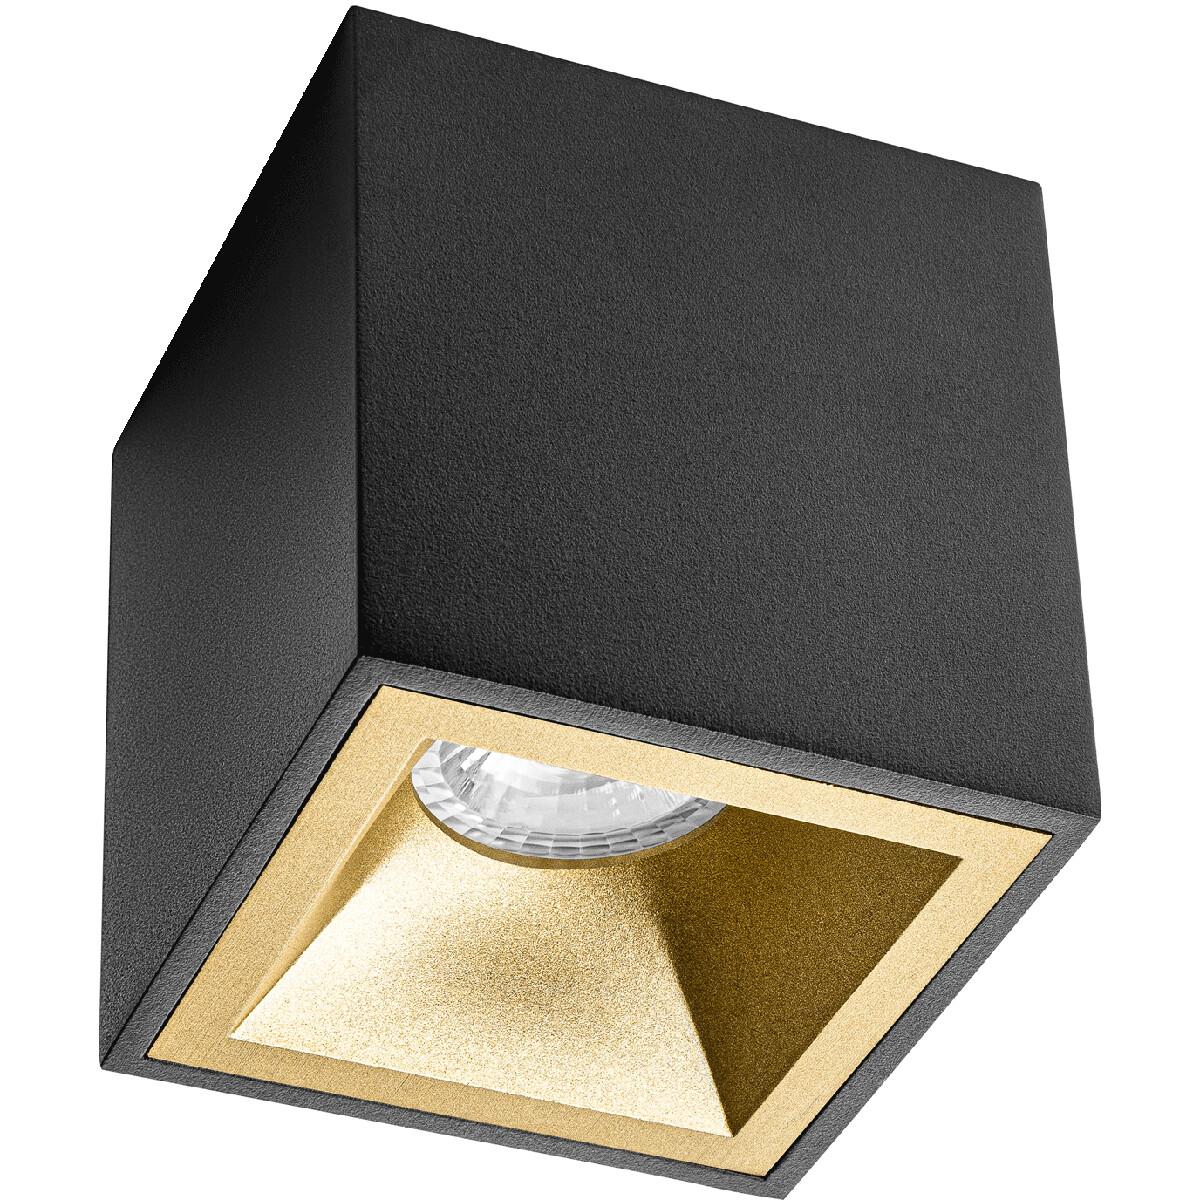 Opbouwspot GU10 - Pragmi Cliron Pro - Opbouw Vierkant - Mat Zwart/Goud - Aluminium - Verdiept - 90mm